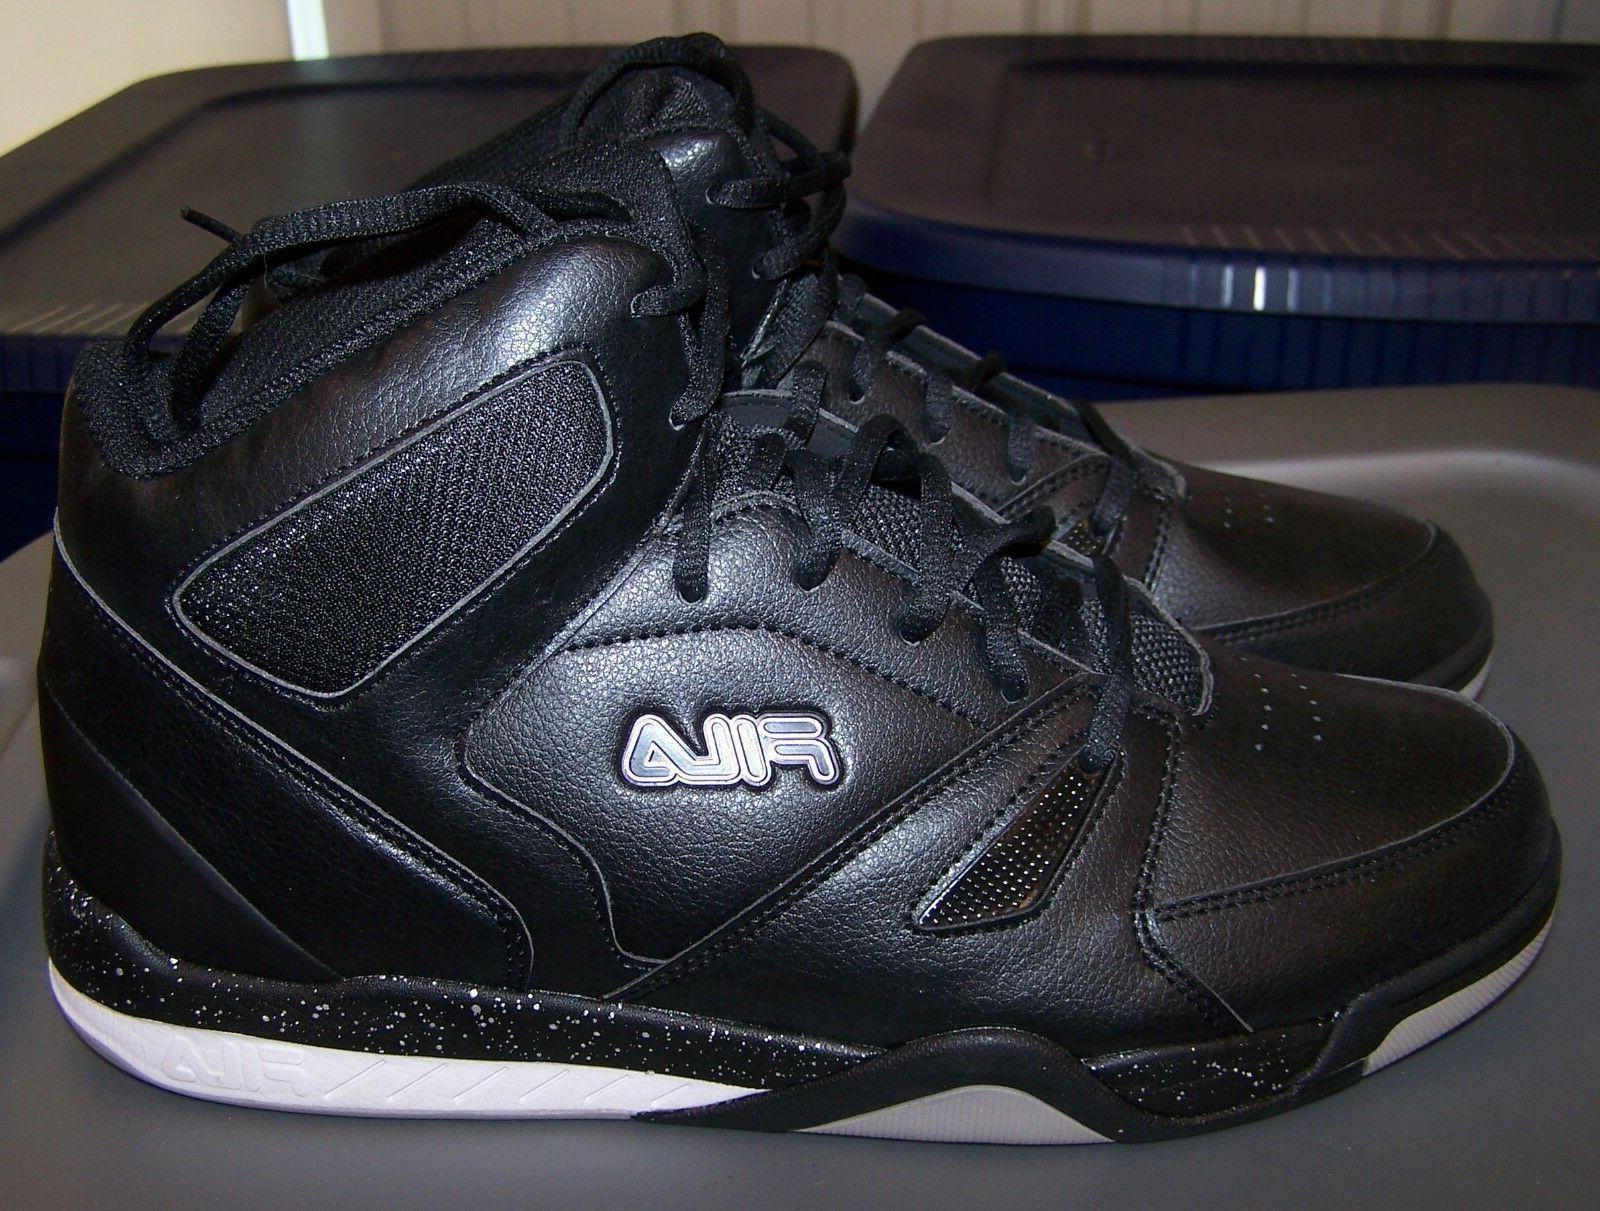 Fila Thunderceptor Basketball Shoes Sneakers High NEW Black Men's size